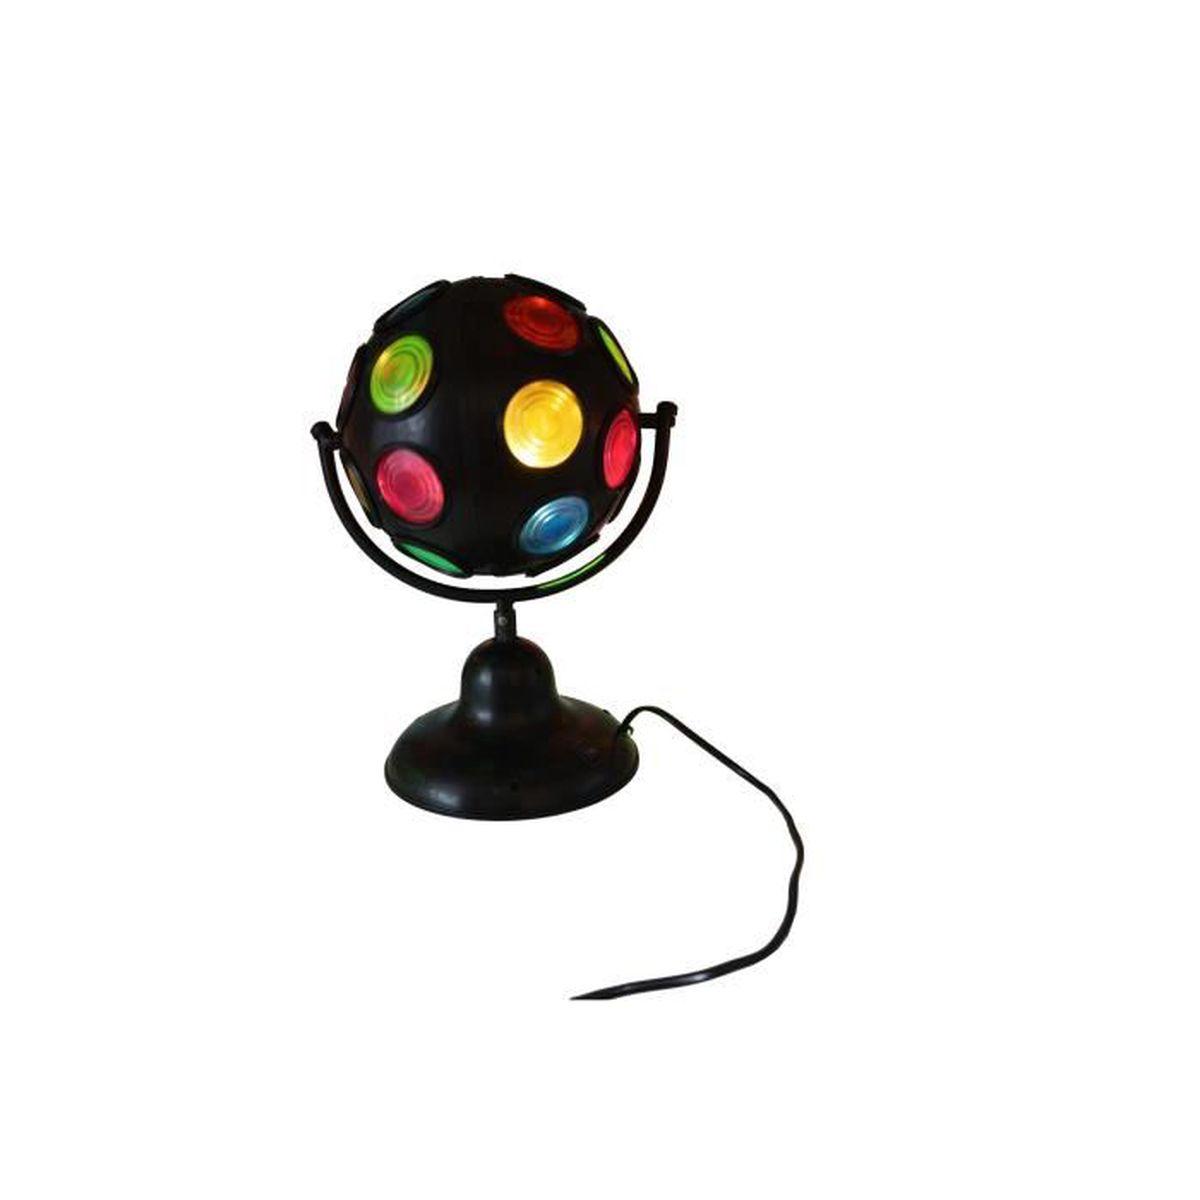 boule disco effet de lumi re 7w pivotante avec ampoule e14 couleur titane boule a facettes. Black Bedroom Furniture Sets. Home Design Ideas